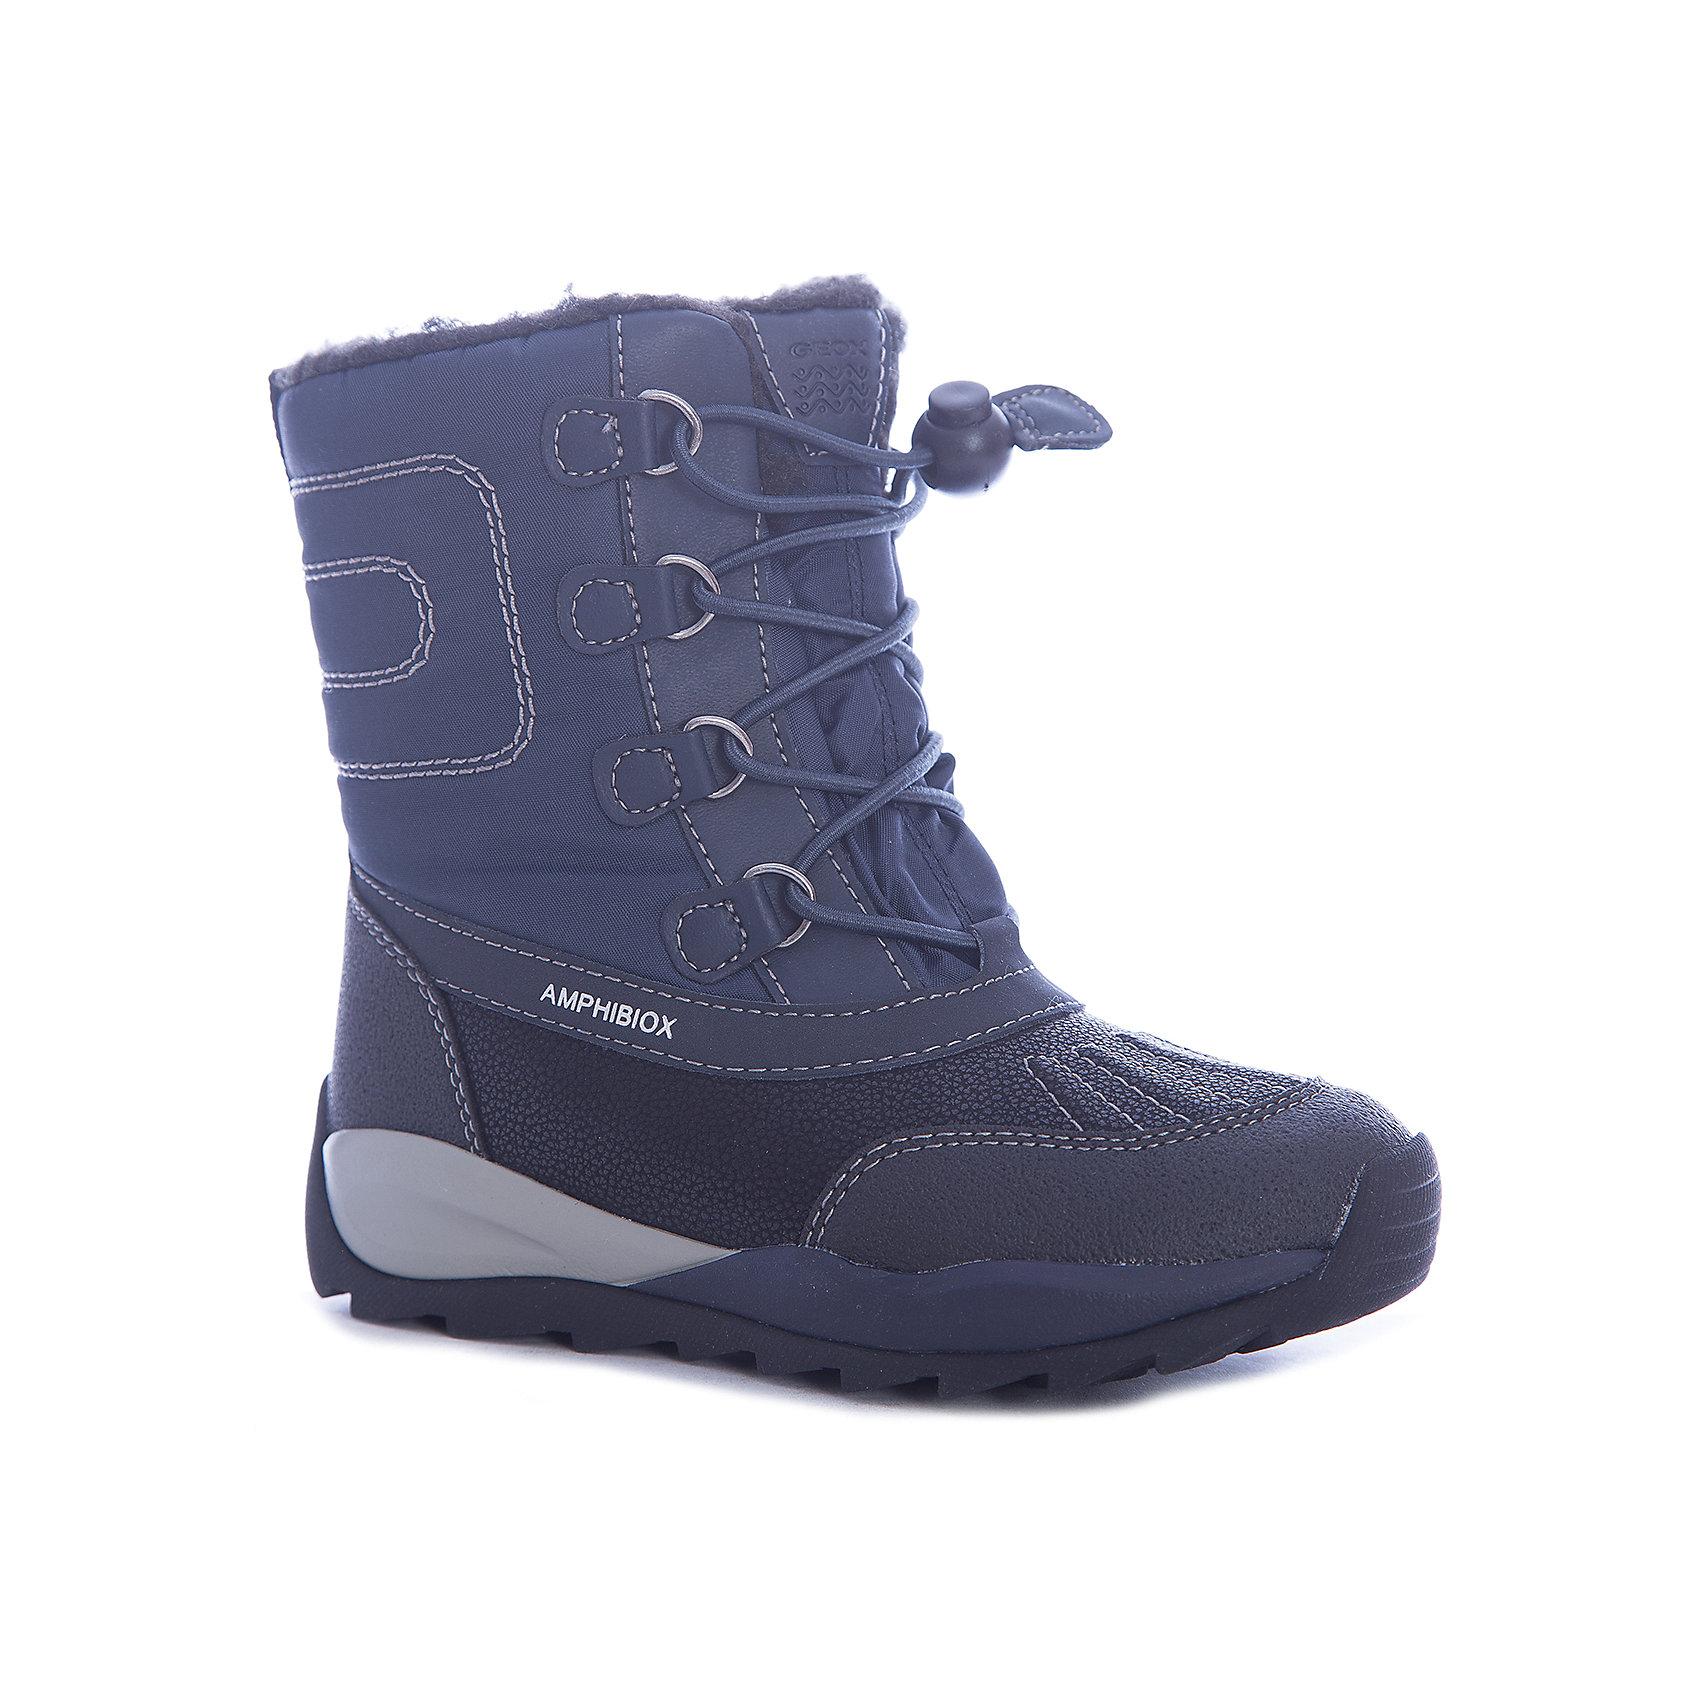 Полусапоги  GEOXПолусапоги GEOX (ГЕОКС)<br>Полусапоги от GEOX (ГЕОКС), выполненные из искусственной кожи и прочного текстиля, идеально подходят для холодной погоды. Плотная мягкая подкладка из искусственного меха согревает чувствительные детские ноги. Текстильная стелька улучшает тепловое сопротивление в холодных условиях, повышая температуру внутри обуви. Влага не застаивается в обуви, благодаря чему создается идеальный микроклимат, который держит ноги теплыми и сухими, и позволяет им дышать естественно. Колодка соответствует анатомическим особенностям строения детской стопы. Качественная амортизация снижает нагрузку на суставы. Запатентованная гибкая перфорированная подошва со специальной микропористой мембраной обеспечивает естественное дыхание обуви, не пропускает воду, не скользит. Модель имеет усиленный мыс и функциональную шнуровку.<br><br>Дополнительная информация:<br><br>- Сезон: зима<br>- Цвет: черный, синий<br>- Материал верха: искусственная кожа, текстиль<br>- Внутренний материал: искусственный мех<br>- Материал стельки: текстиль<br>- Материал подошвы: резина<br>- Тип застежки: шнуровка<br>- Высота голенища/задника: 13,5 см.<br>- Технология Amphibiox<br>- Материалы и продукция прошли специальную проверку T?V S?D, на отсутствие веществ, опасных для здоровья покупателей<br><br>Полусапоги GEOX (ГЕОКС) можно купить в нашем интернет-магазине.<br><br>Ширина мм: 257<br>Глубина мм: 180<br>Высота мм: 130<br>Вес г: 420<br>Цвет: черный<br>Возраст от месяцев: 36<br>Возраст до месяцев: 48<br>Пол: Мужской<br>Возраст: Детский<br>Размер: 27,34,33,32,31,30,29,28<br>SKU: 4968259